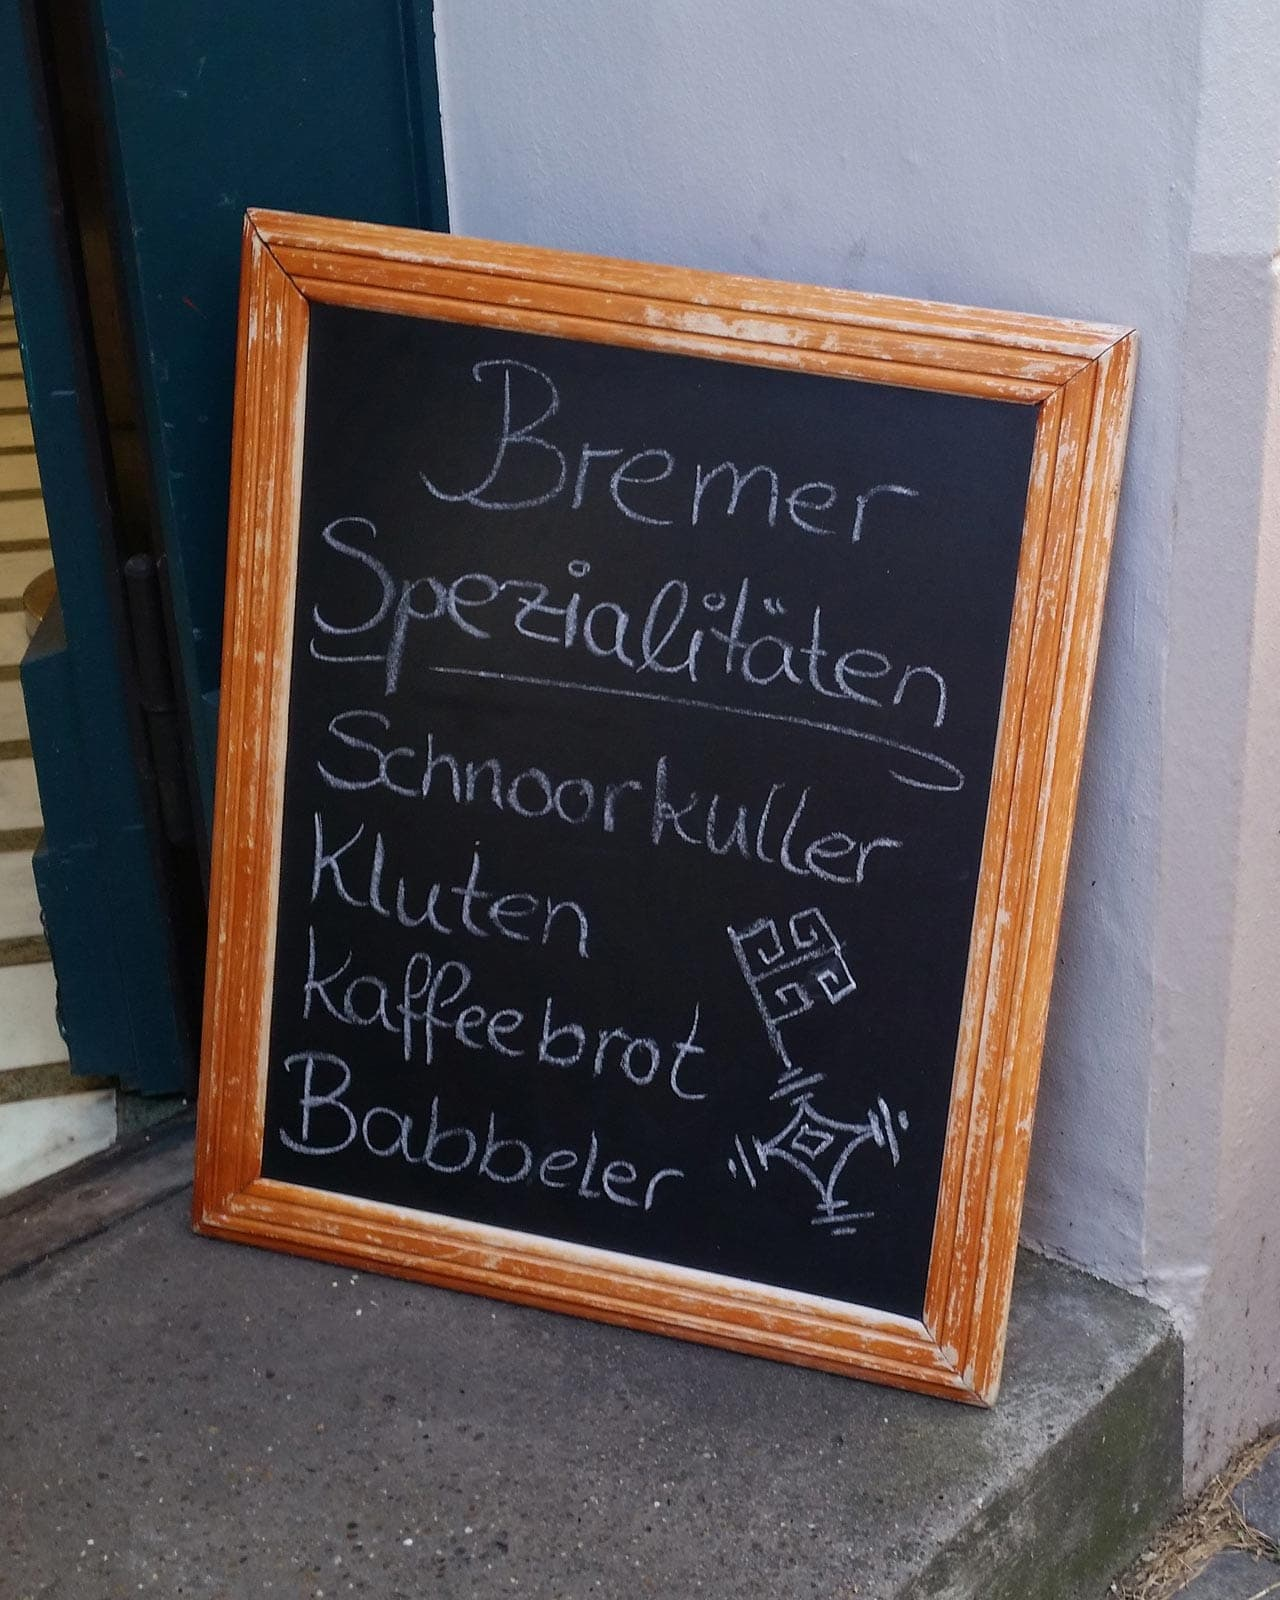 Stadtführung in Bremen: die Bremer Spezialitäten